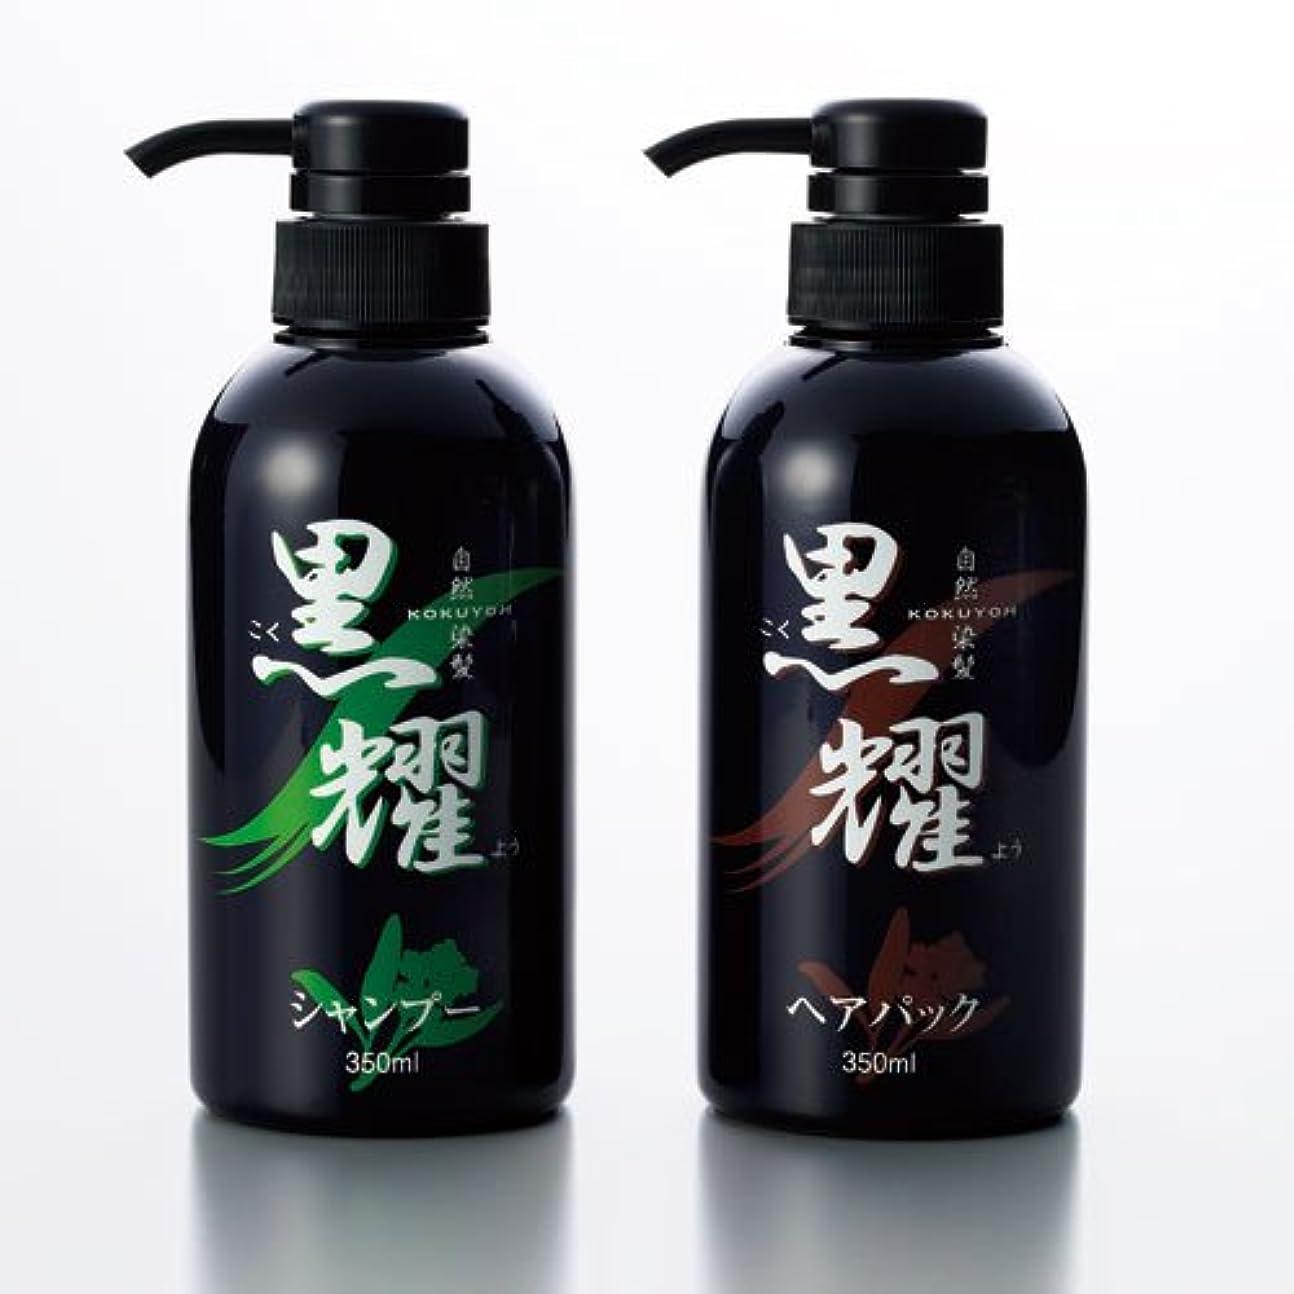 配列理容室ポット白髪染め 黒耀シャンプーQS&黒耀ヘアパックQS